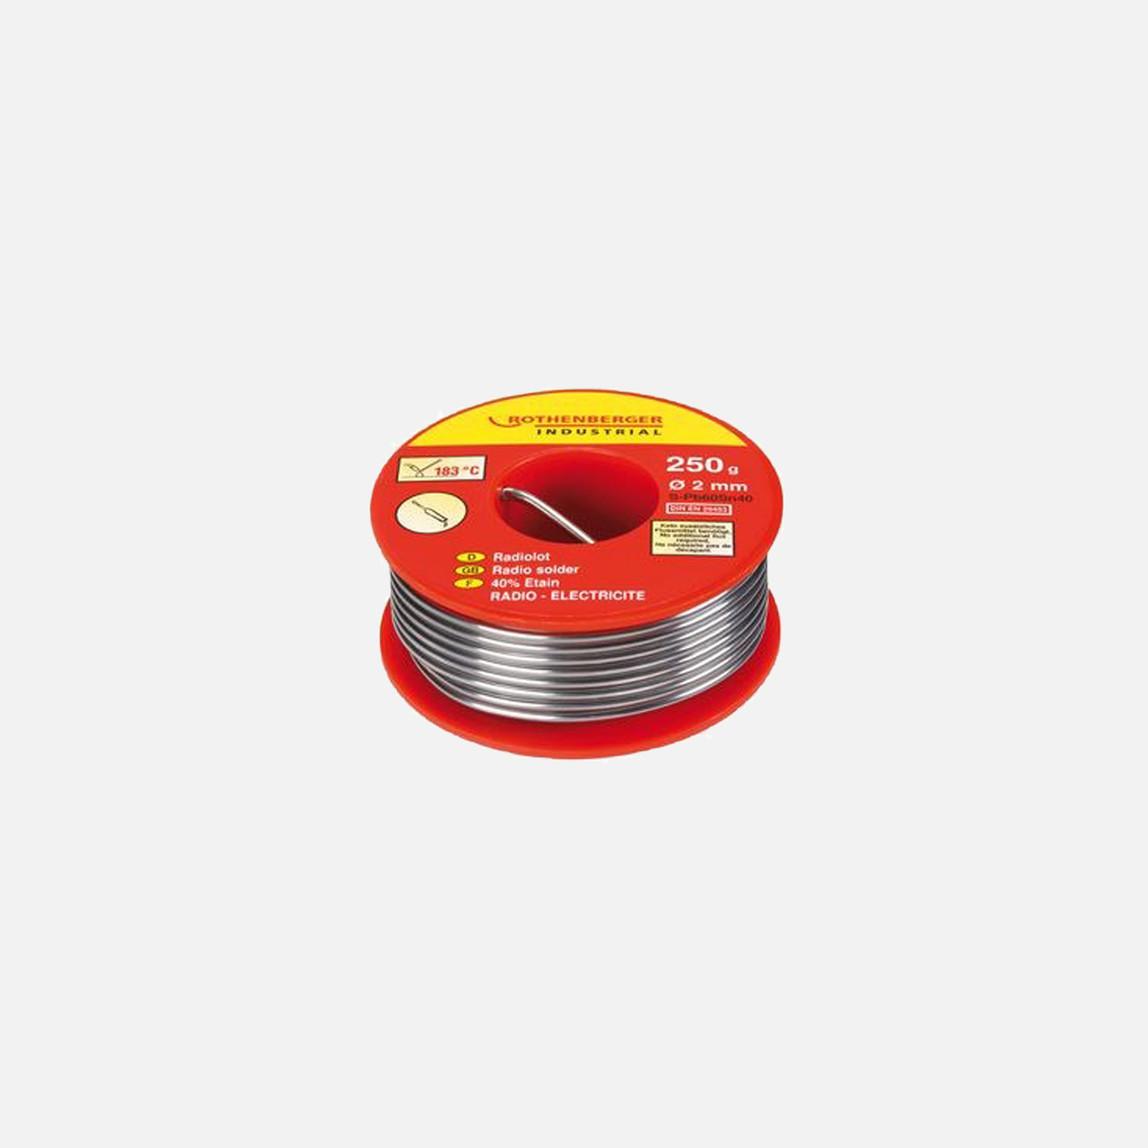 Radiolot - 2 mm 250G